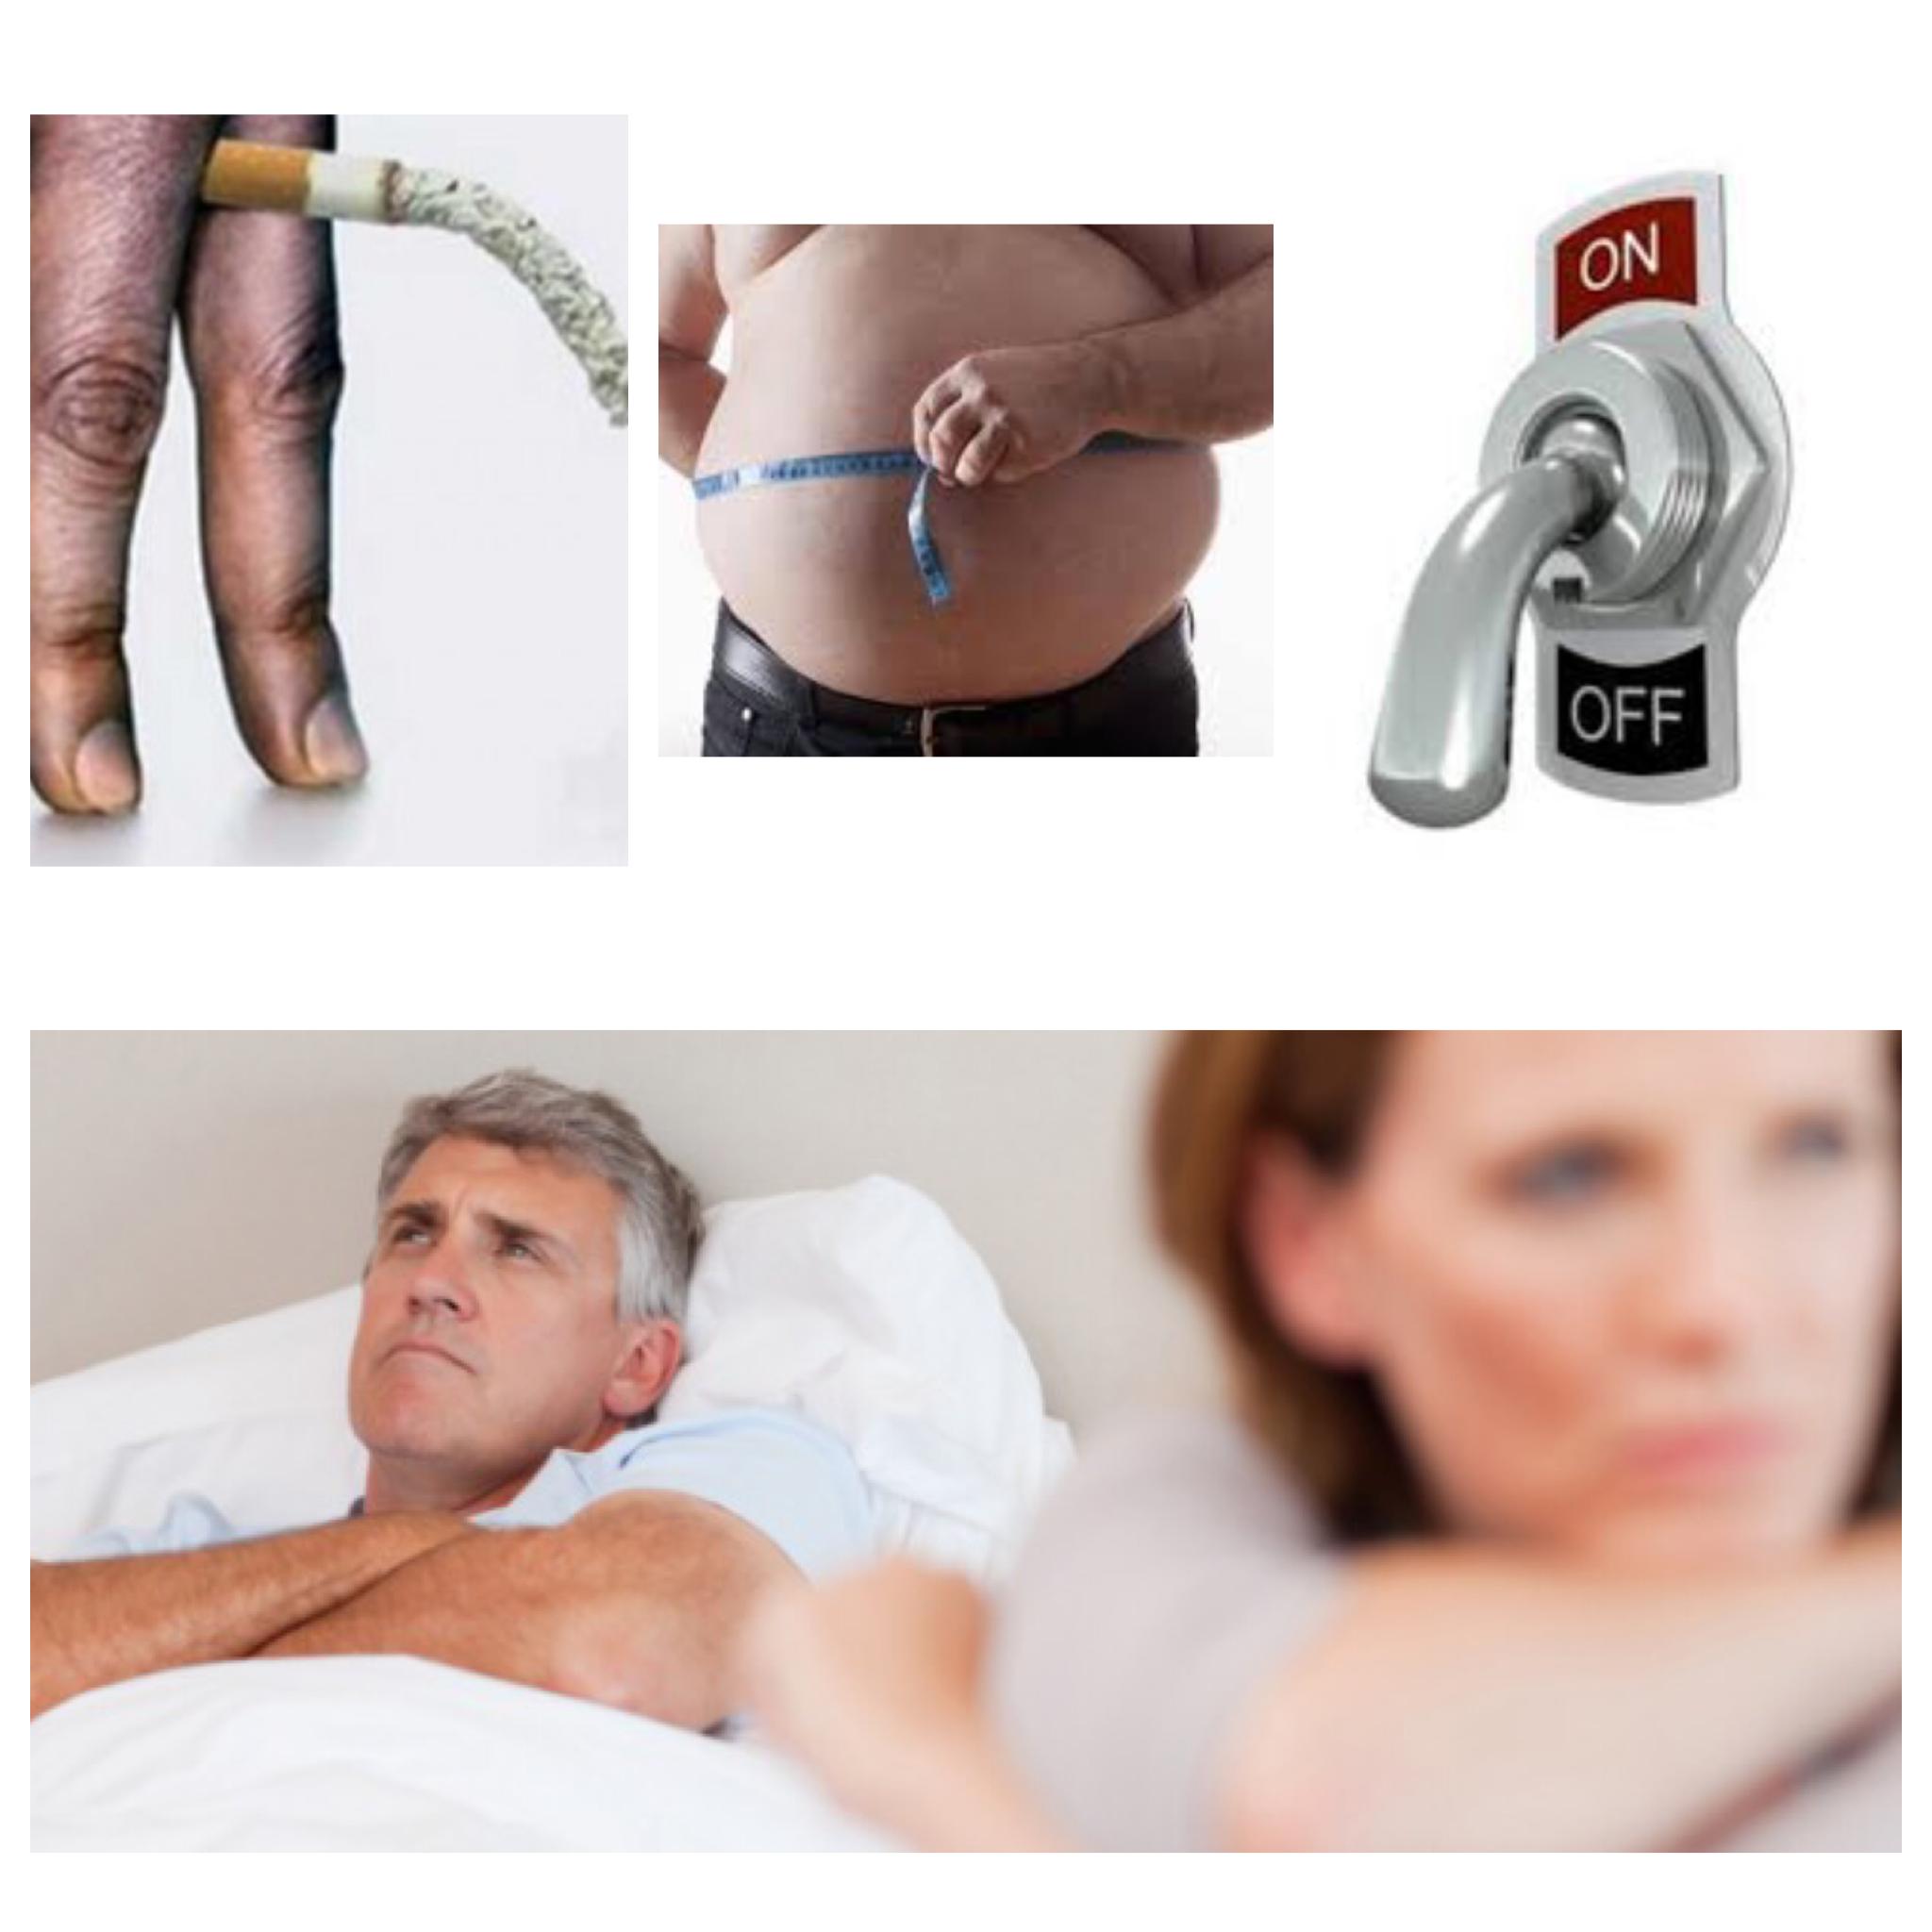 Impotencia Sexual: Causas Y Síntomas